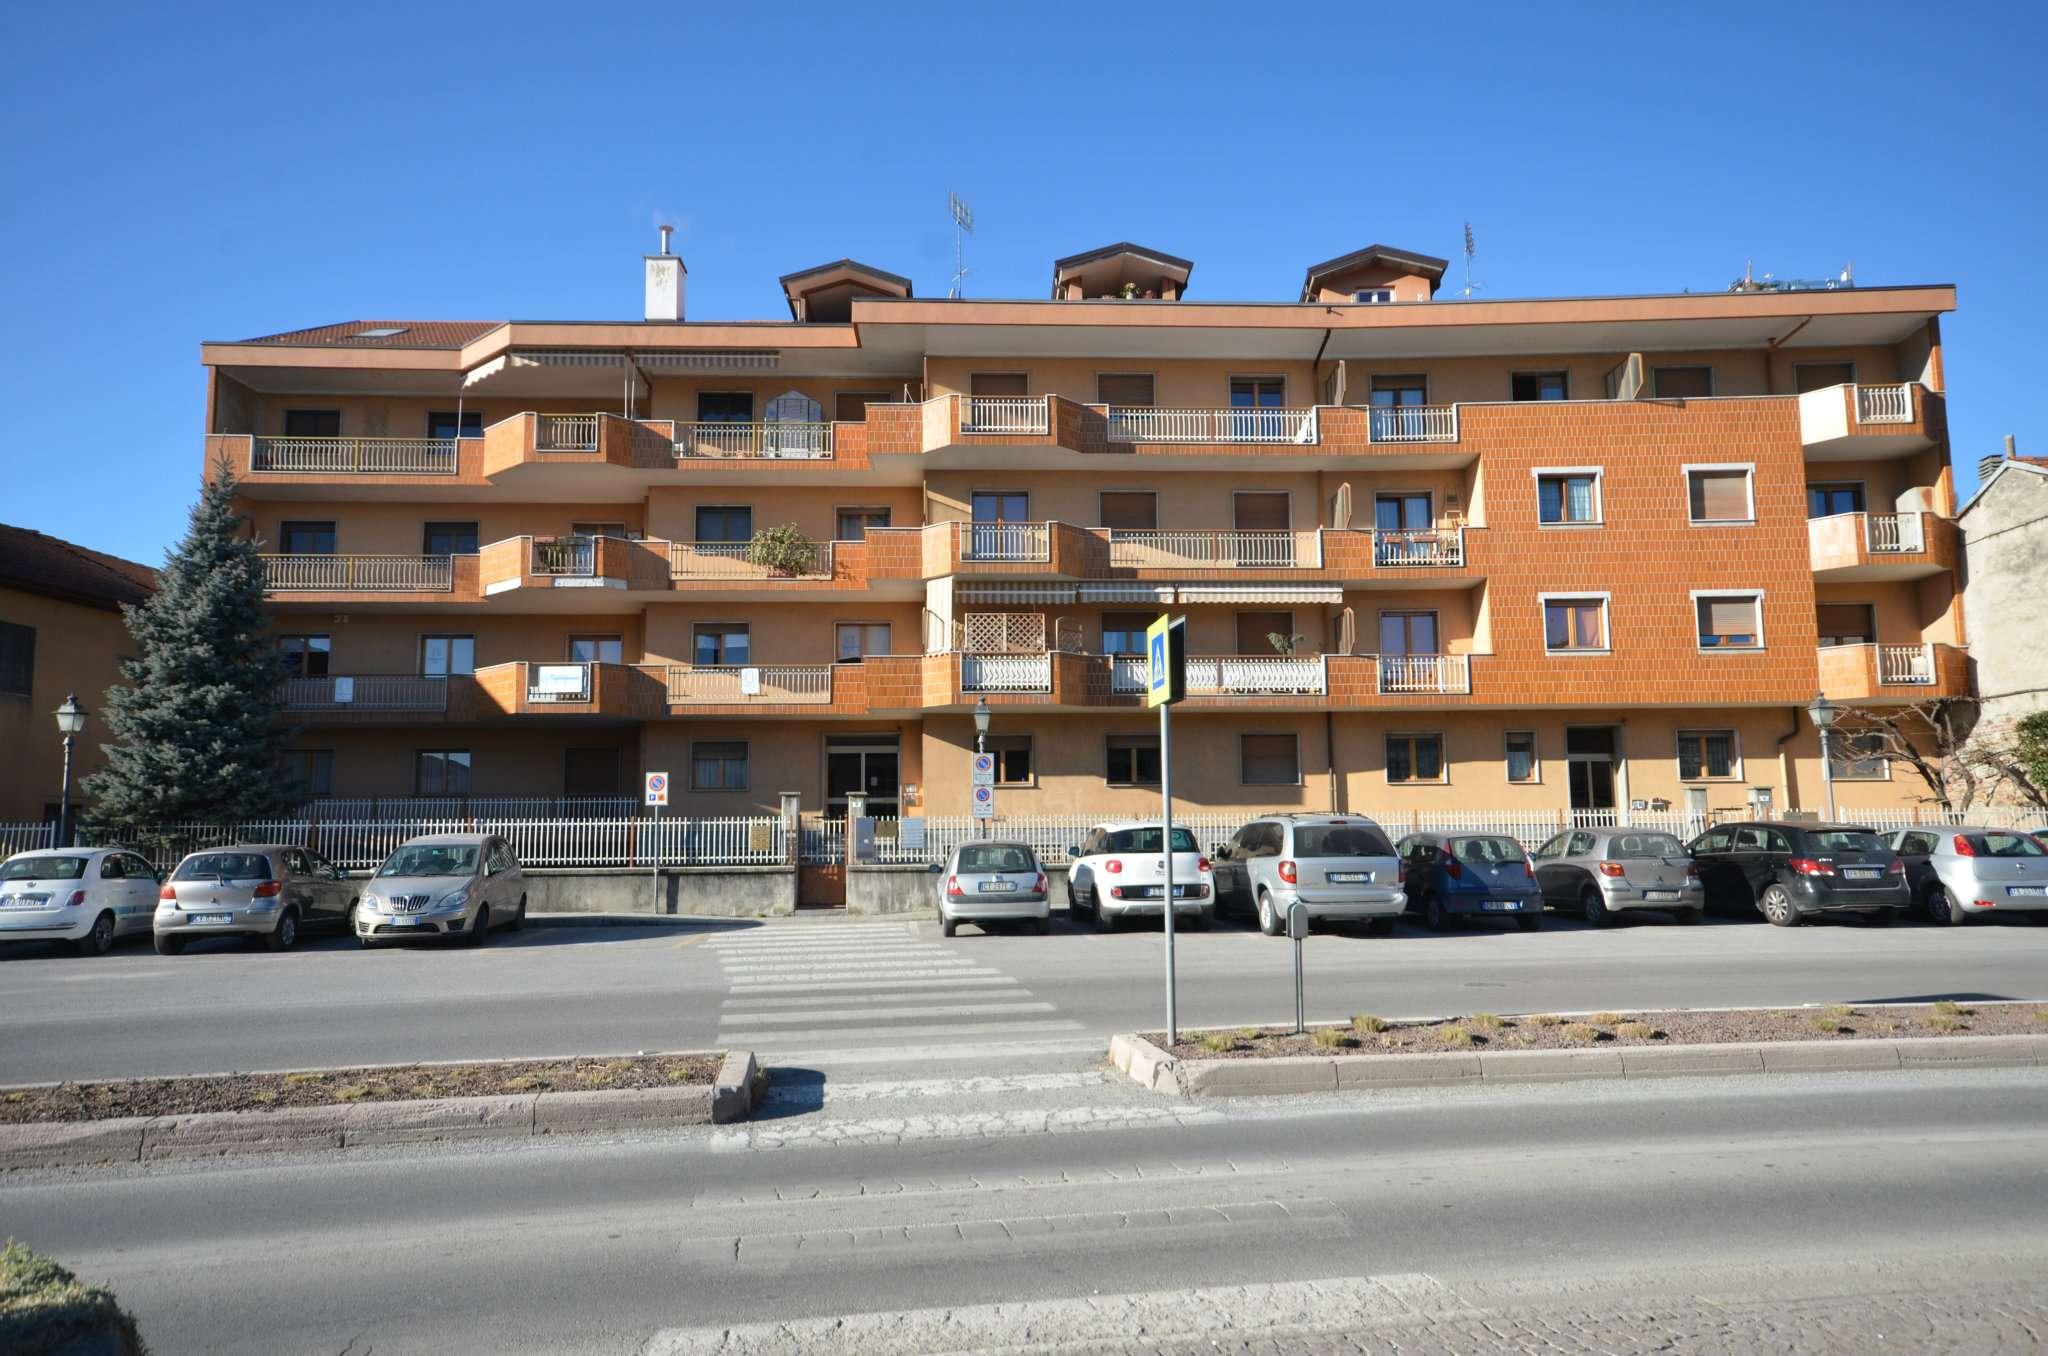 Appartamento in vendita a Borgo San Dalmazzo, 7 locali, prezzo € 300.000 | CambioCasa.it